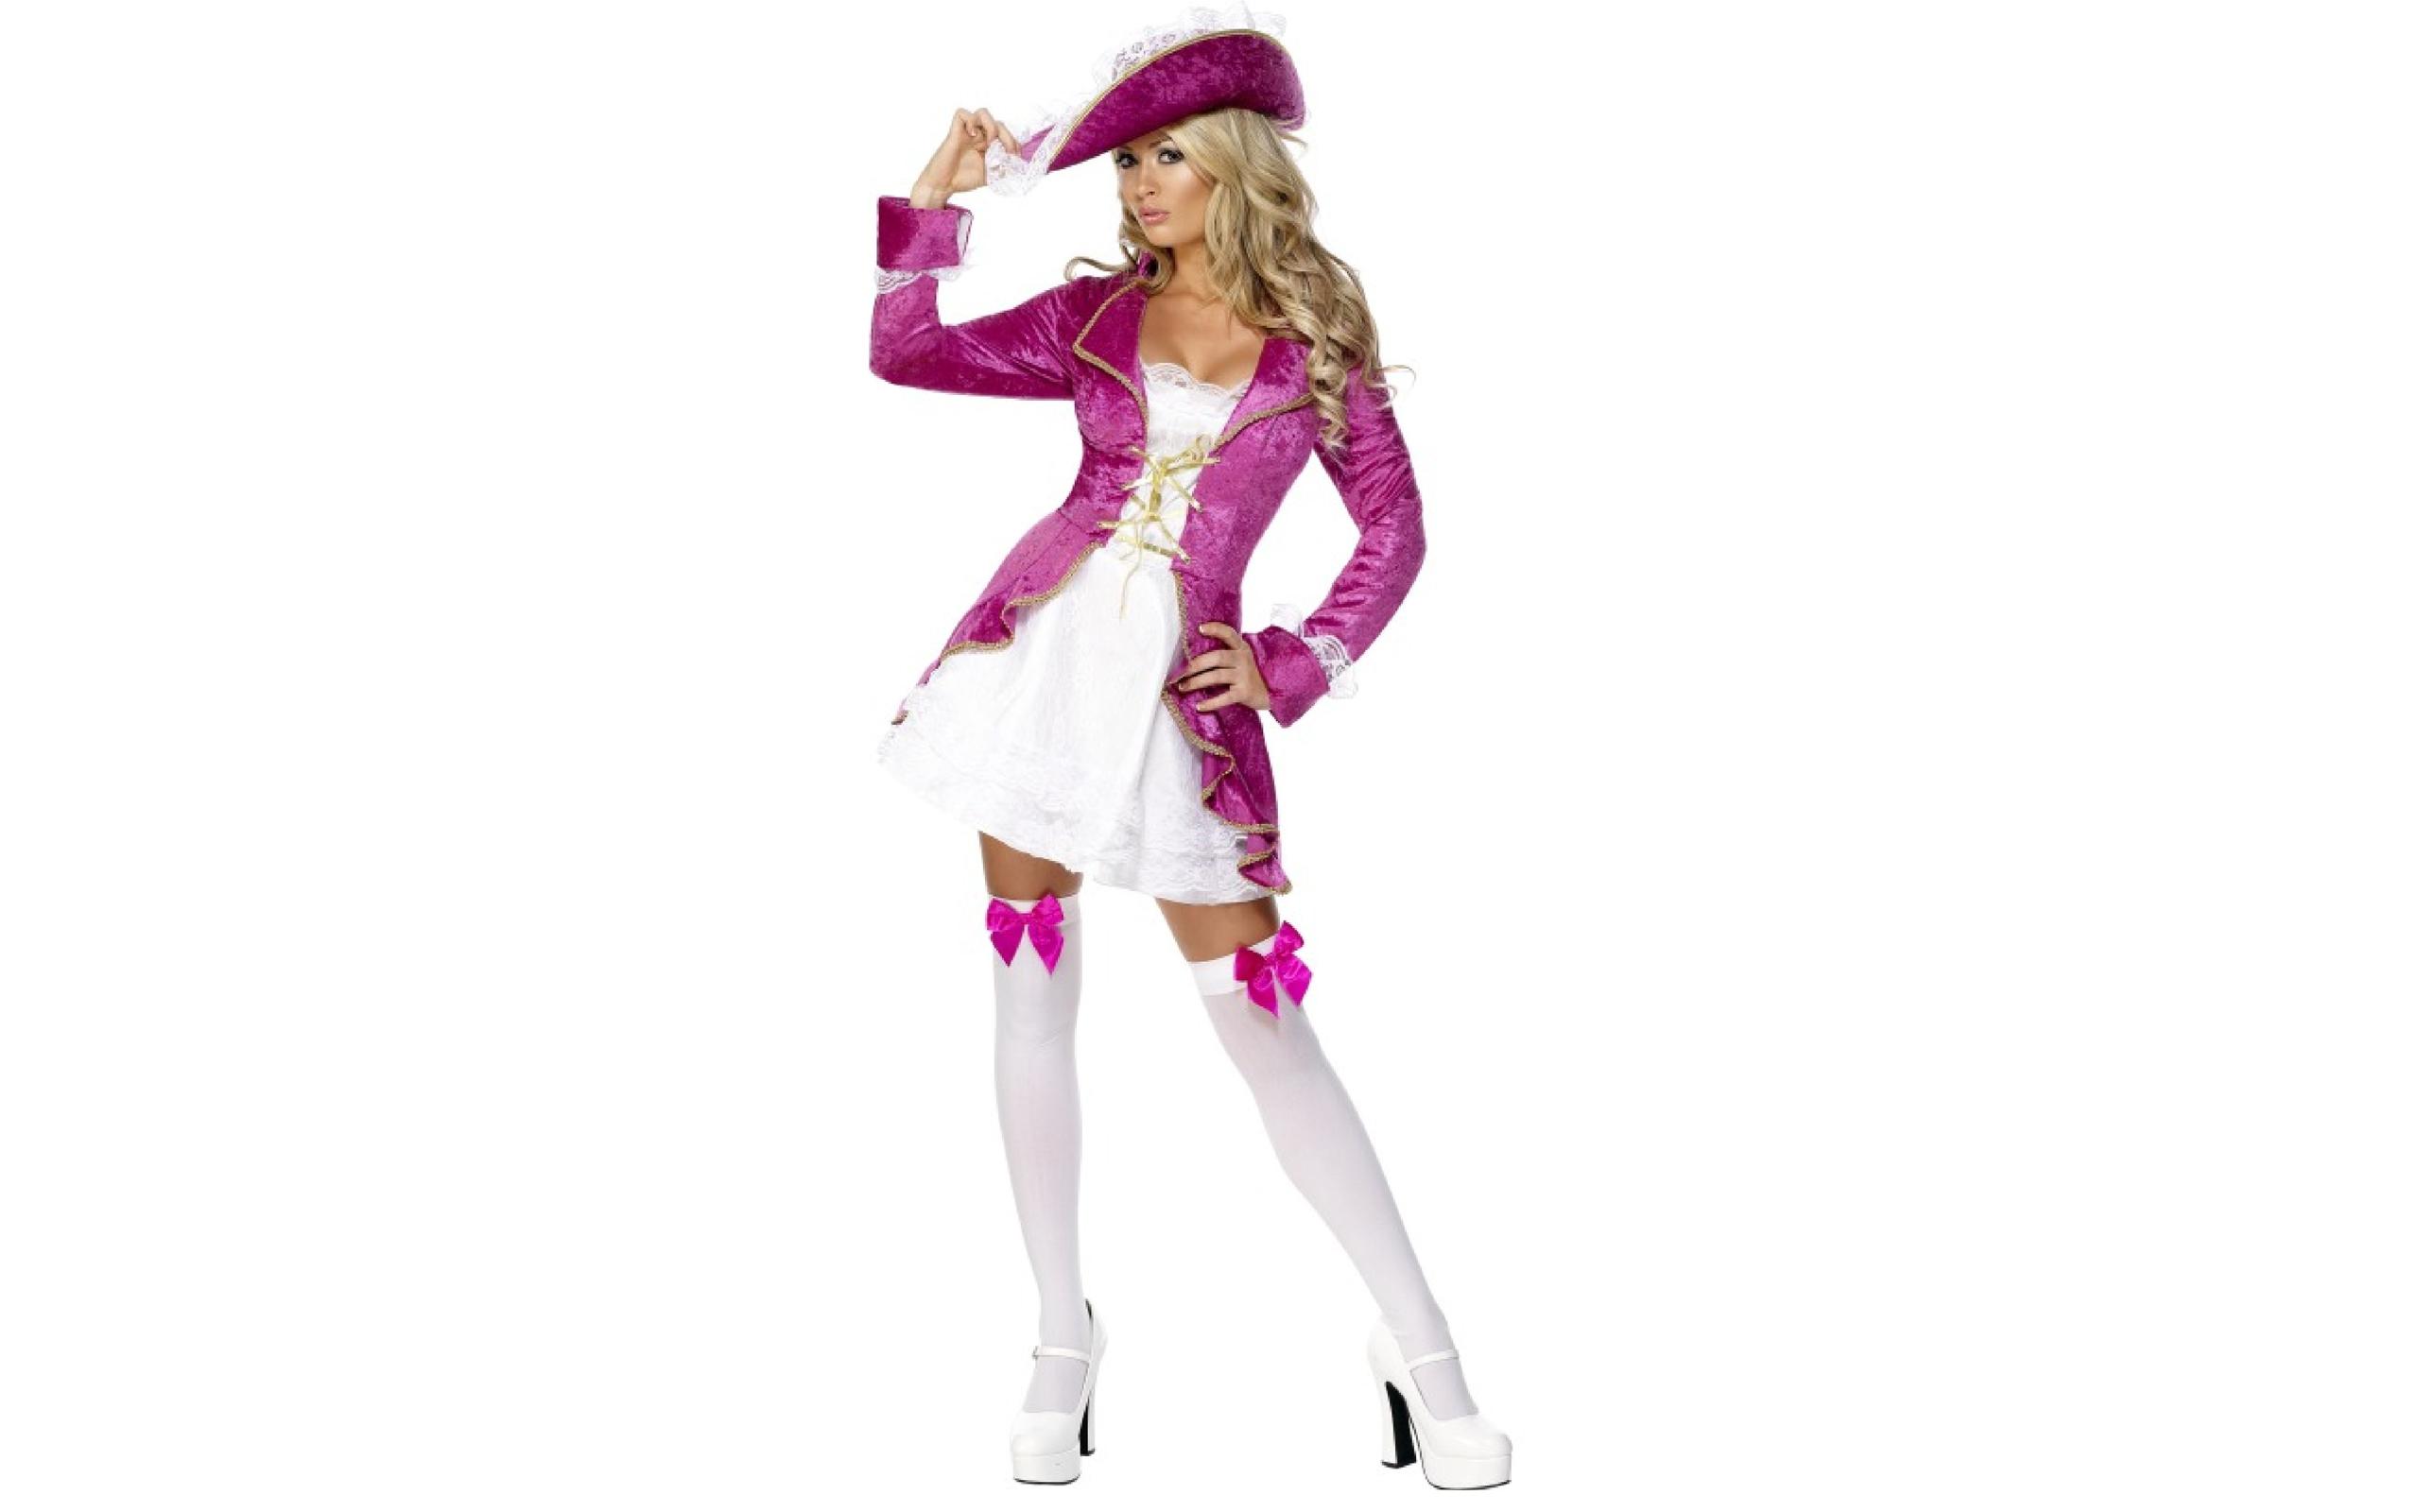 Disfraz de rubia pirata - 2560x1600